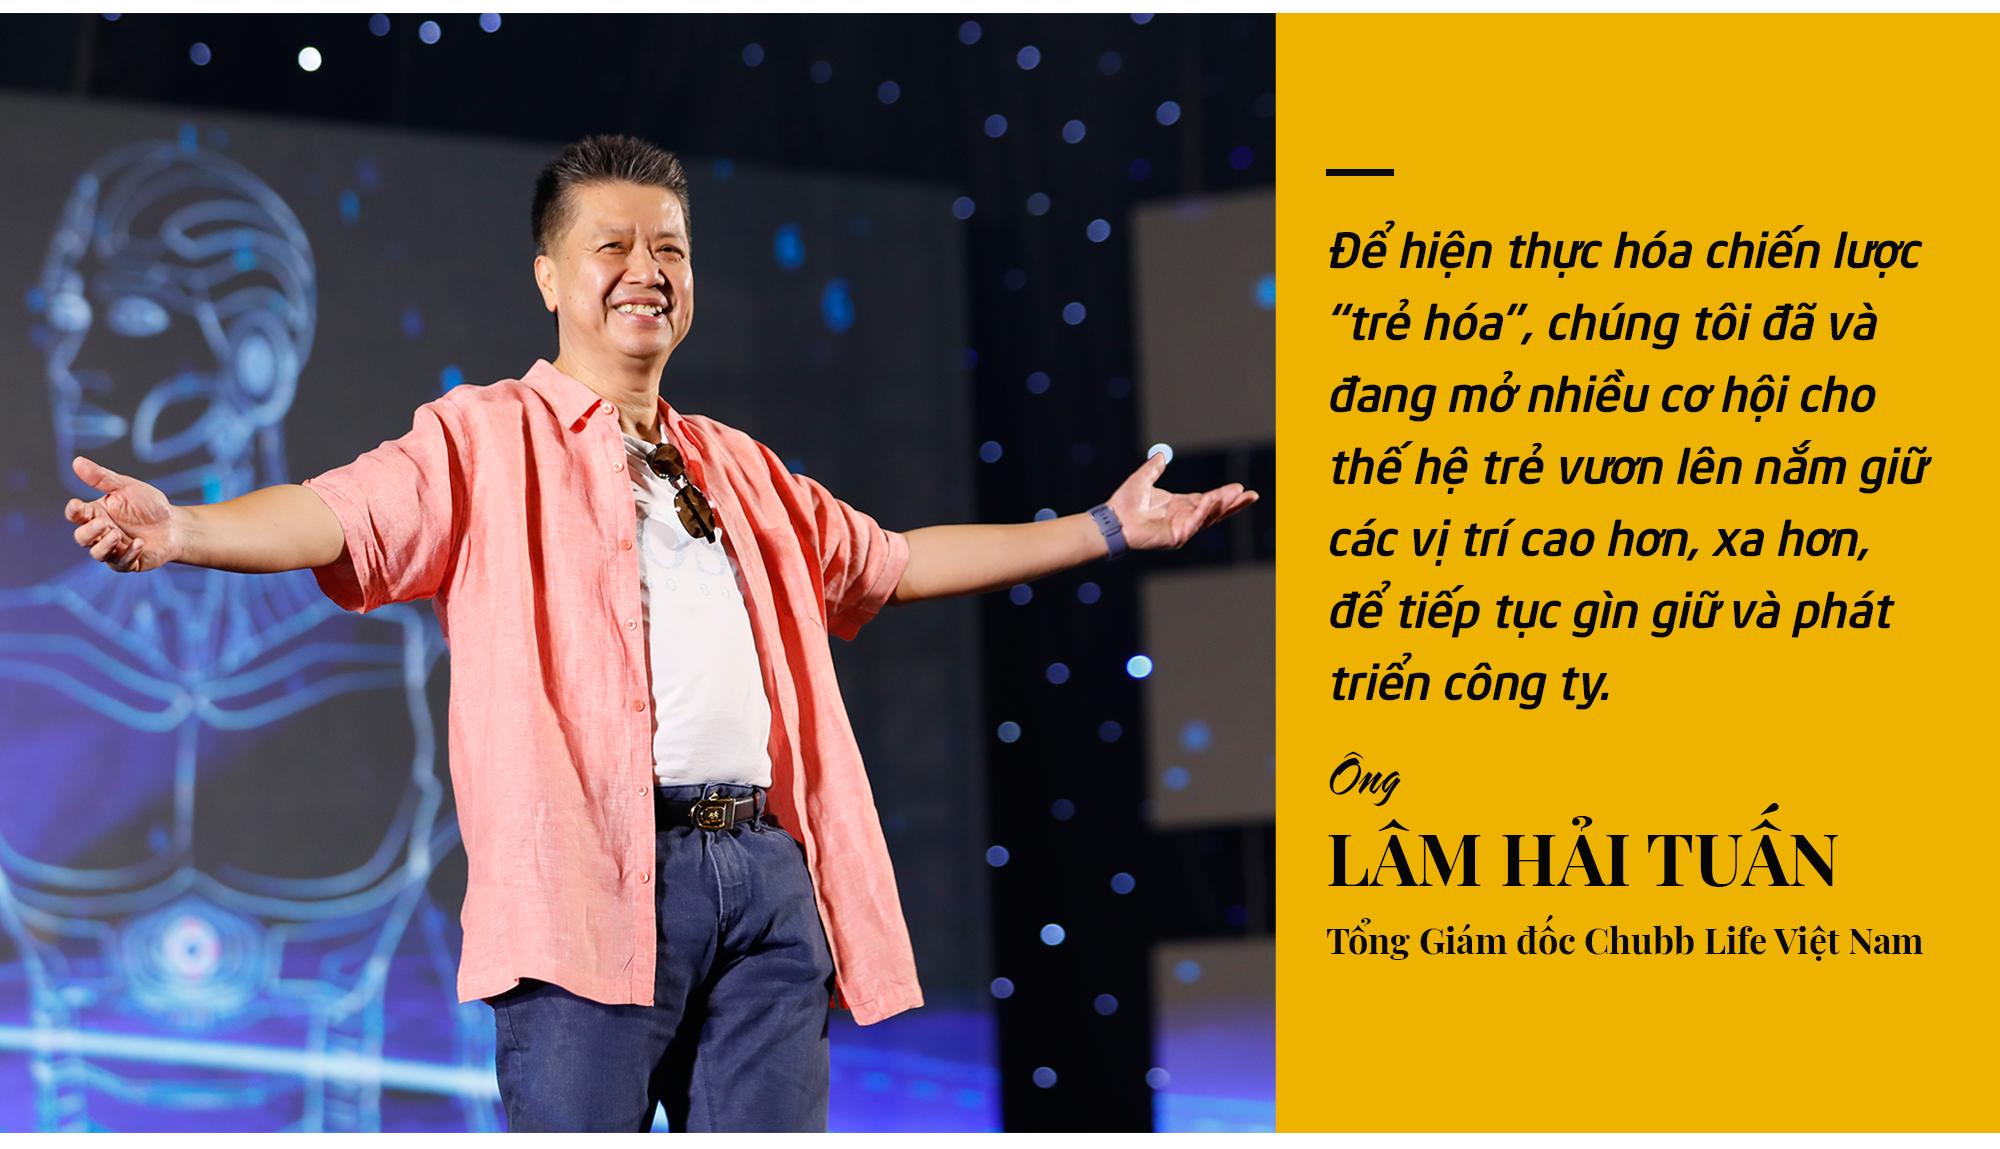 """Vị Tổng Giám đốc """"không nhiệm kỳ"""" của Chubb Life Việt Nam - Ông Lâm Hải Tuấn: Bảo hiểm với tôi là sứ mệnh - Ảnh 8."""